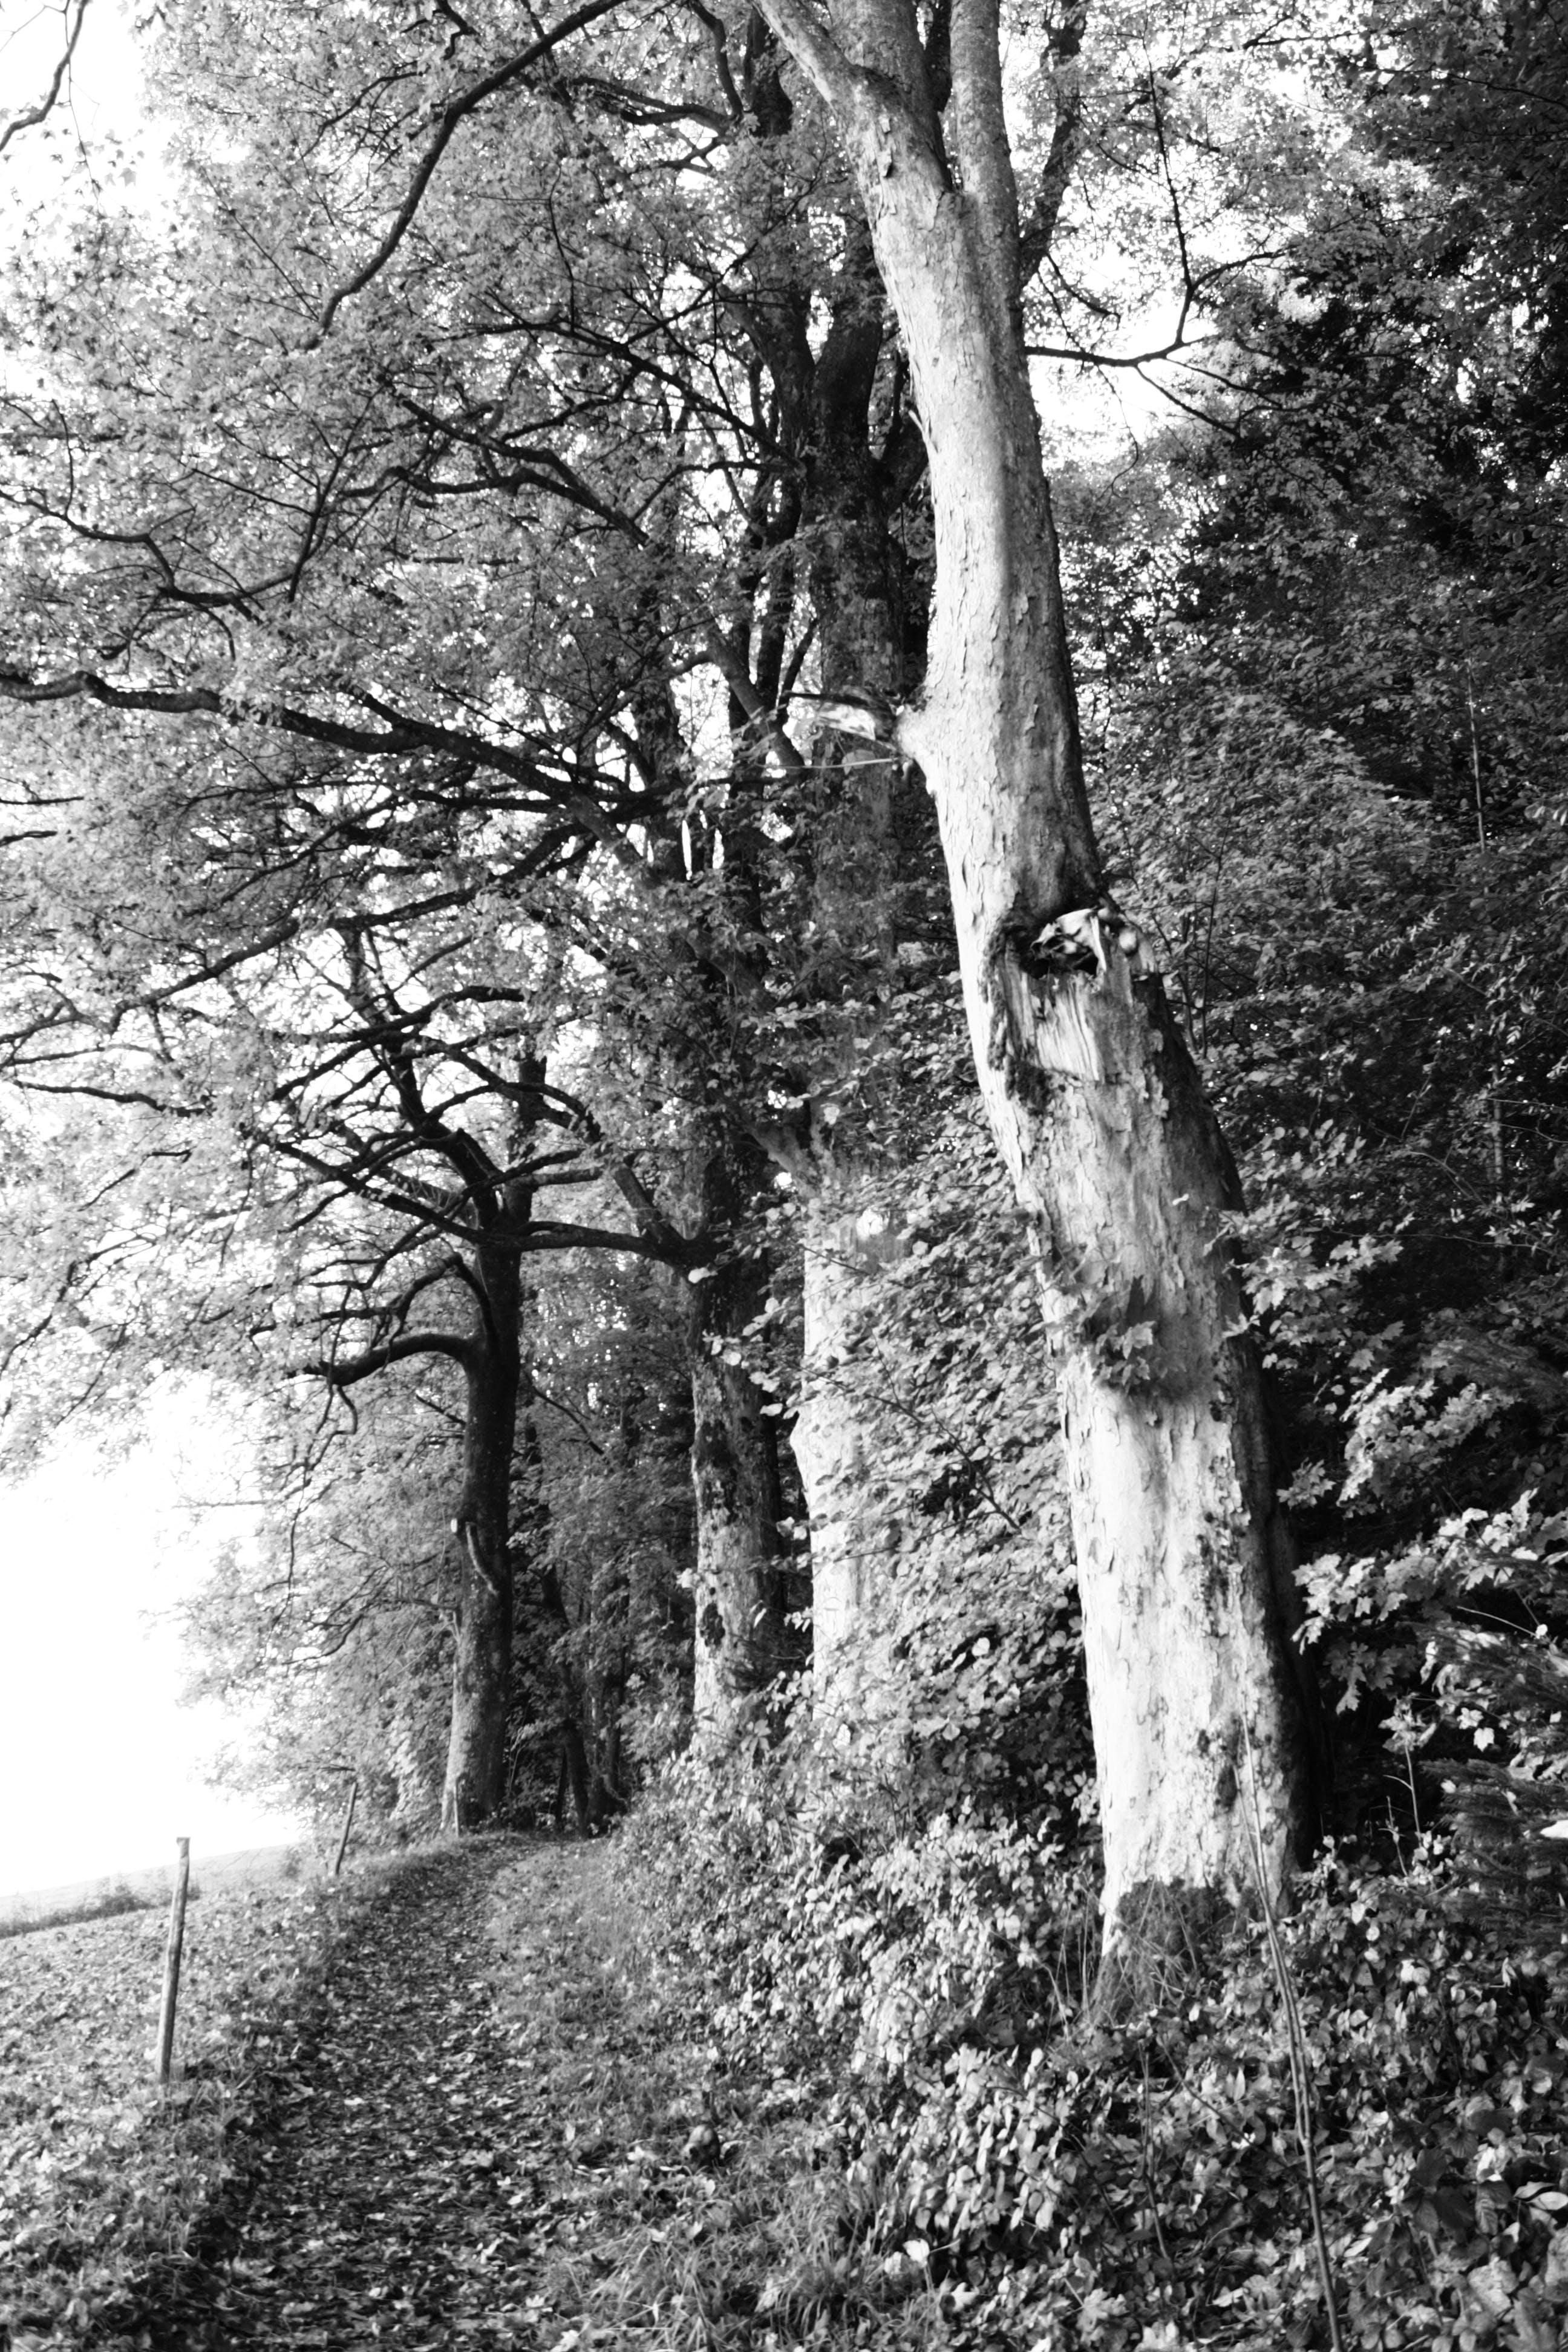 Gratis lagerfoto af løv, skov, sort/hvid fotografi, væk